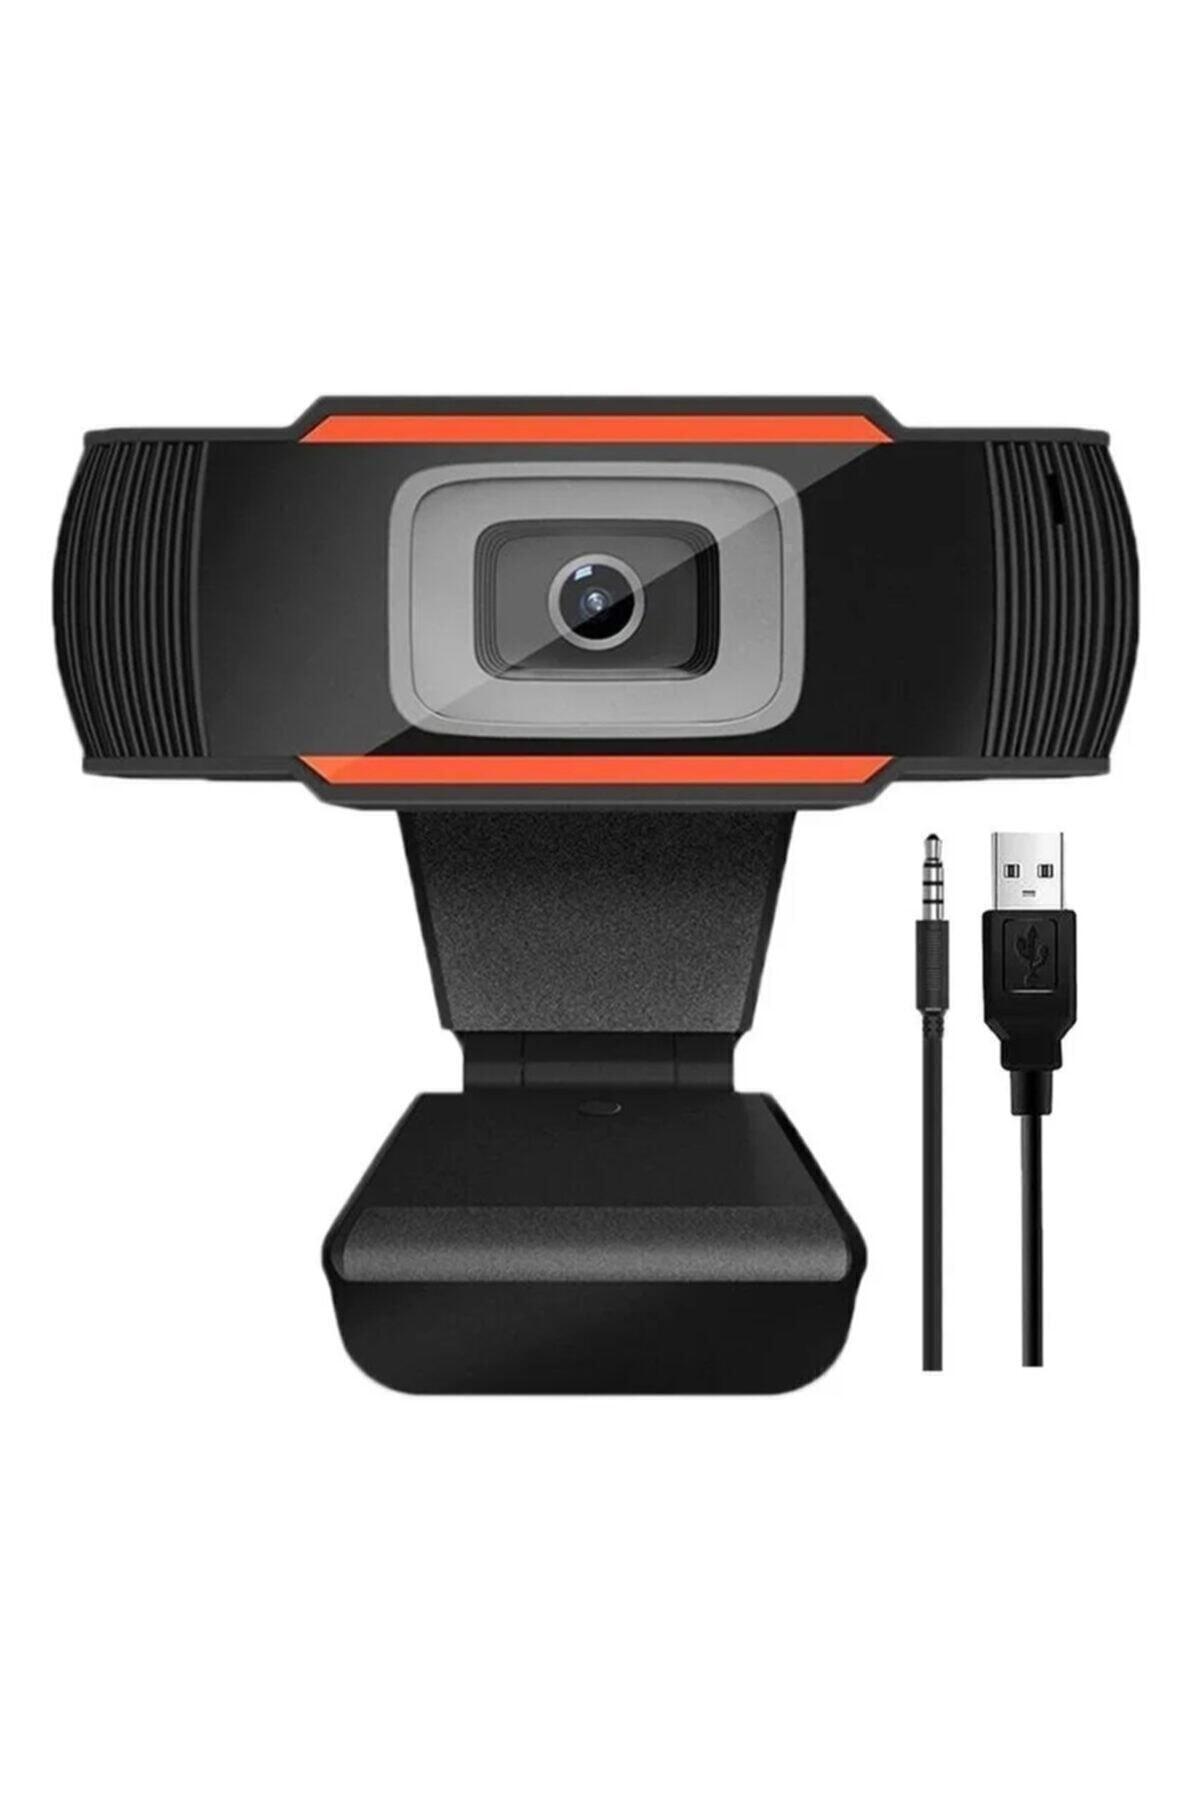 RUKUSHE Mikrofonlu Webcam Kamera Hd Kalite 720p Eba Zoom Destekli Tüm Windows Sürümleri Ile Uyumlu 1